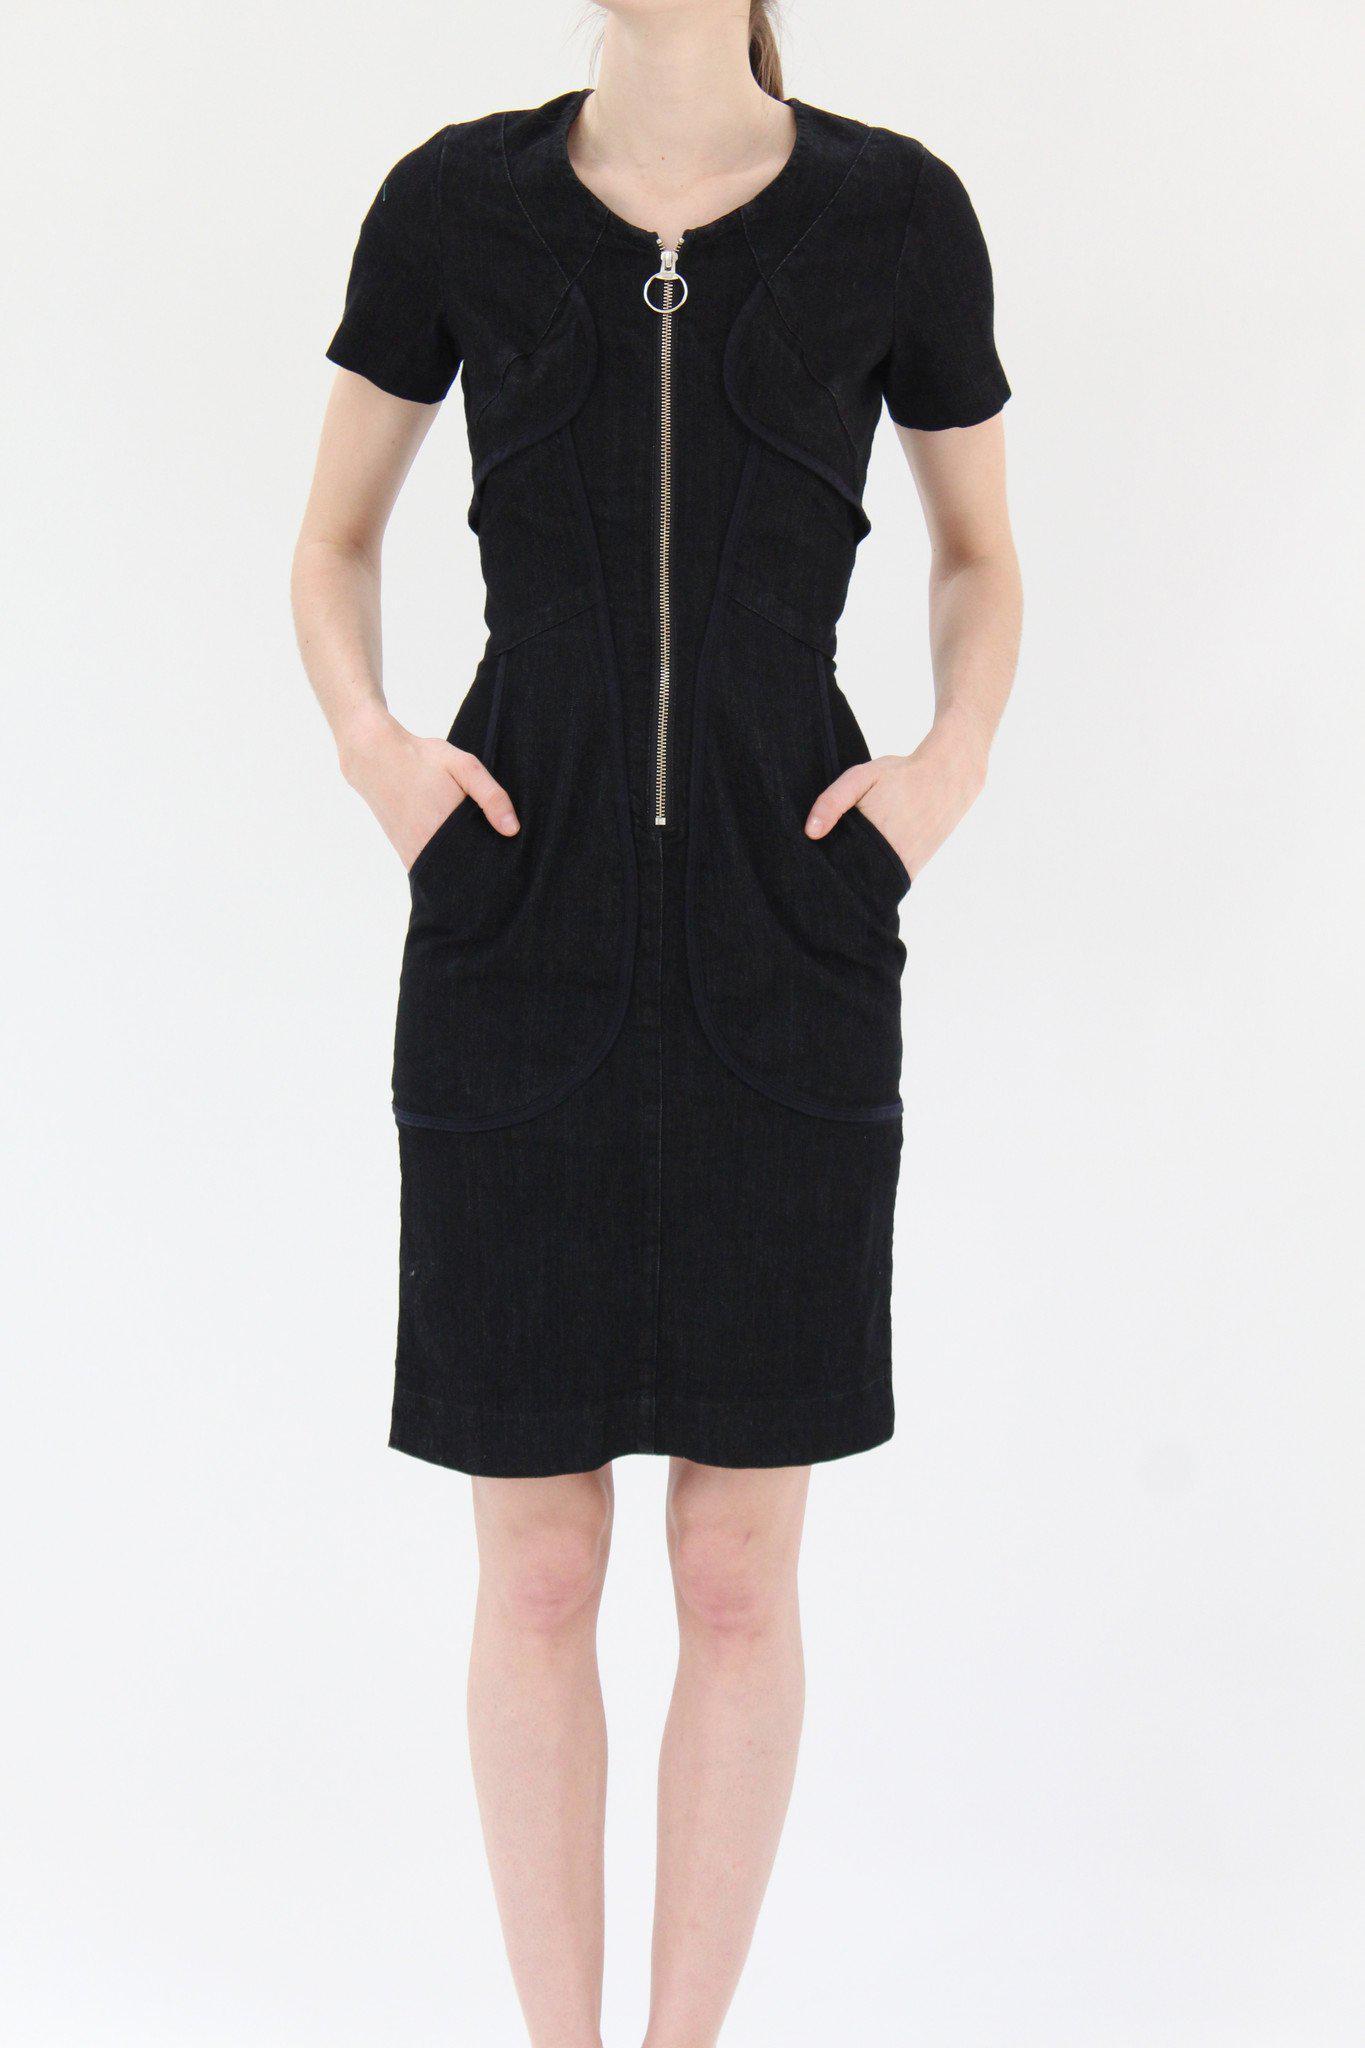 c7bcfb301337 Lyst - Prairie Underground Harness Dress Black in Black